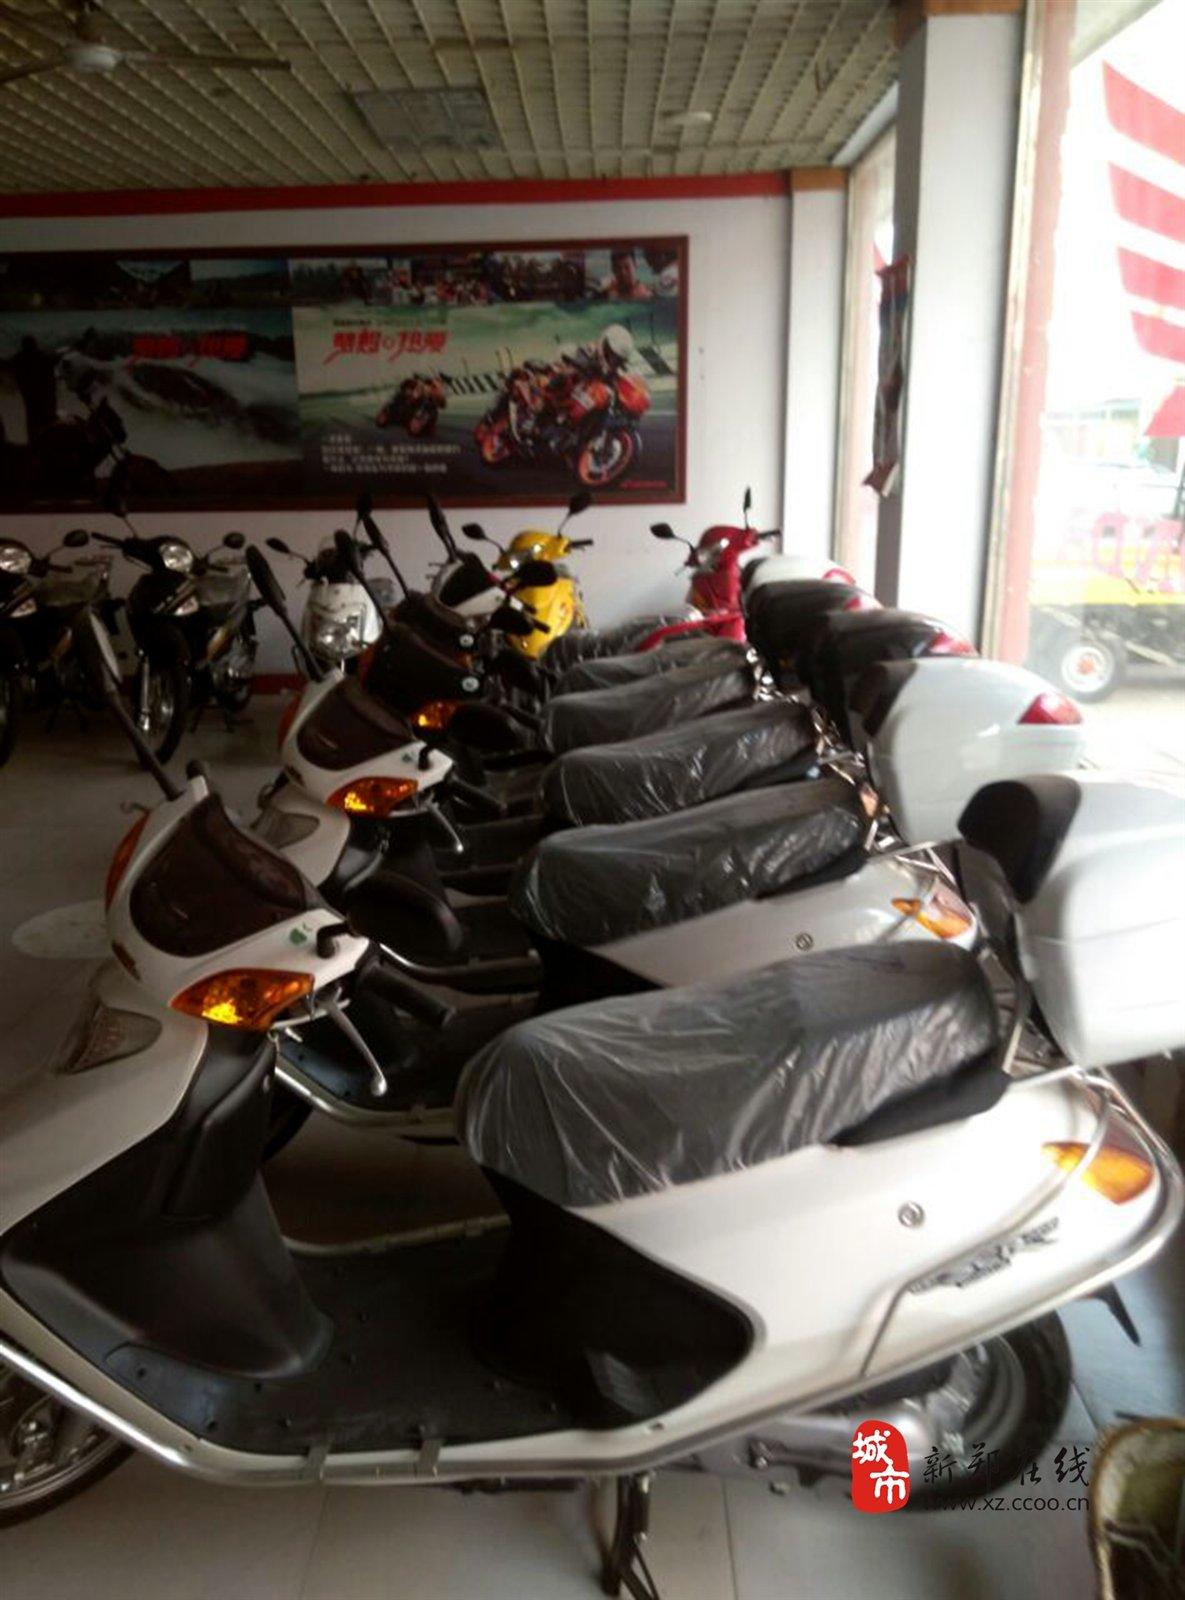 公司拥有骑式车、踏板车、弯梁车等二十七款车型,一百多个品种。这些产品凭借质量优异、款式新颖、加速性能优越和耗油量小而深受市场欢迎。从本田公司引进开发的WY125畅销大江南北,SCR100踏板车引发了中国市场的踏板车革命,SPACY100成功返销日本,2006年国内第一款集欧排放标准、电喷、水冷于一身的佳御110问世, 2007年LEAD110顺利下线并进军日本、欧洲等高端市场,行业关注的目光再次投向五羊本田。2009年,此车型成为国内第一款取得国家全项许可(公告、环保以及3C)的国III车型。公司的销售